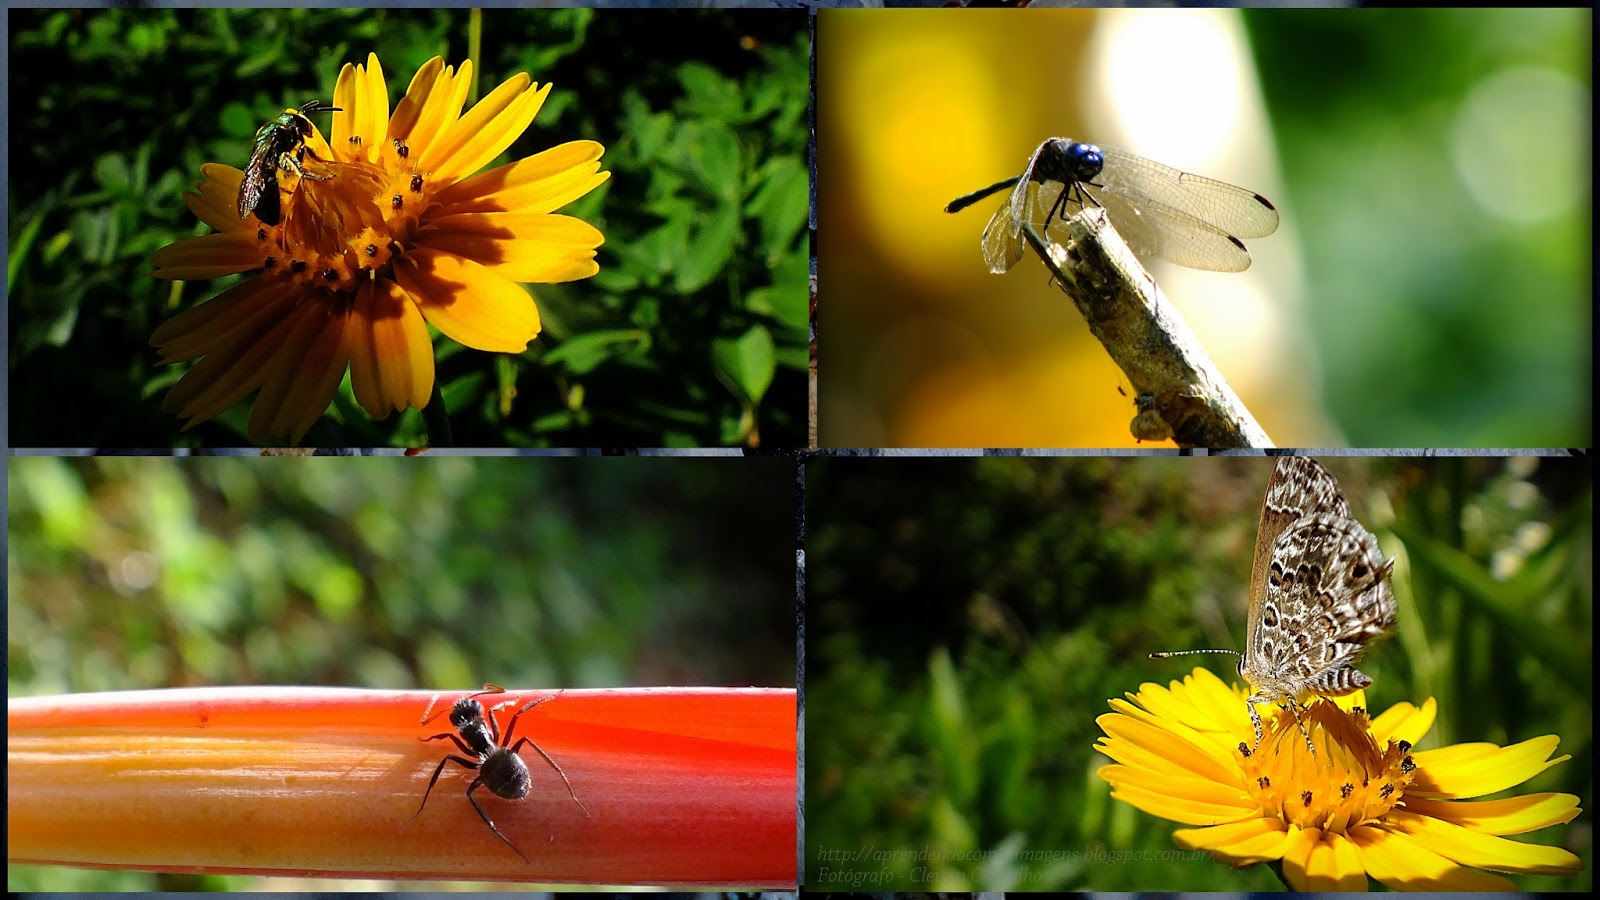 http://aprendendocomasimagens.blogspot.com/2013/09/o-principio-da-vida-com-o-calor-das cores e o perfume das flores. htm Vem anunciar o desabrochar da Vida trazendo com ela a Primavera...html